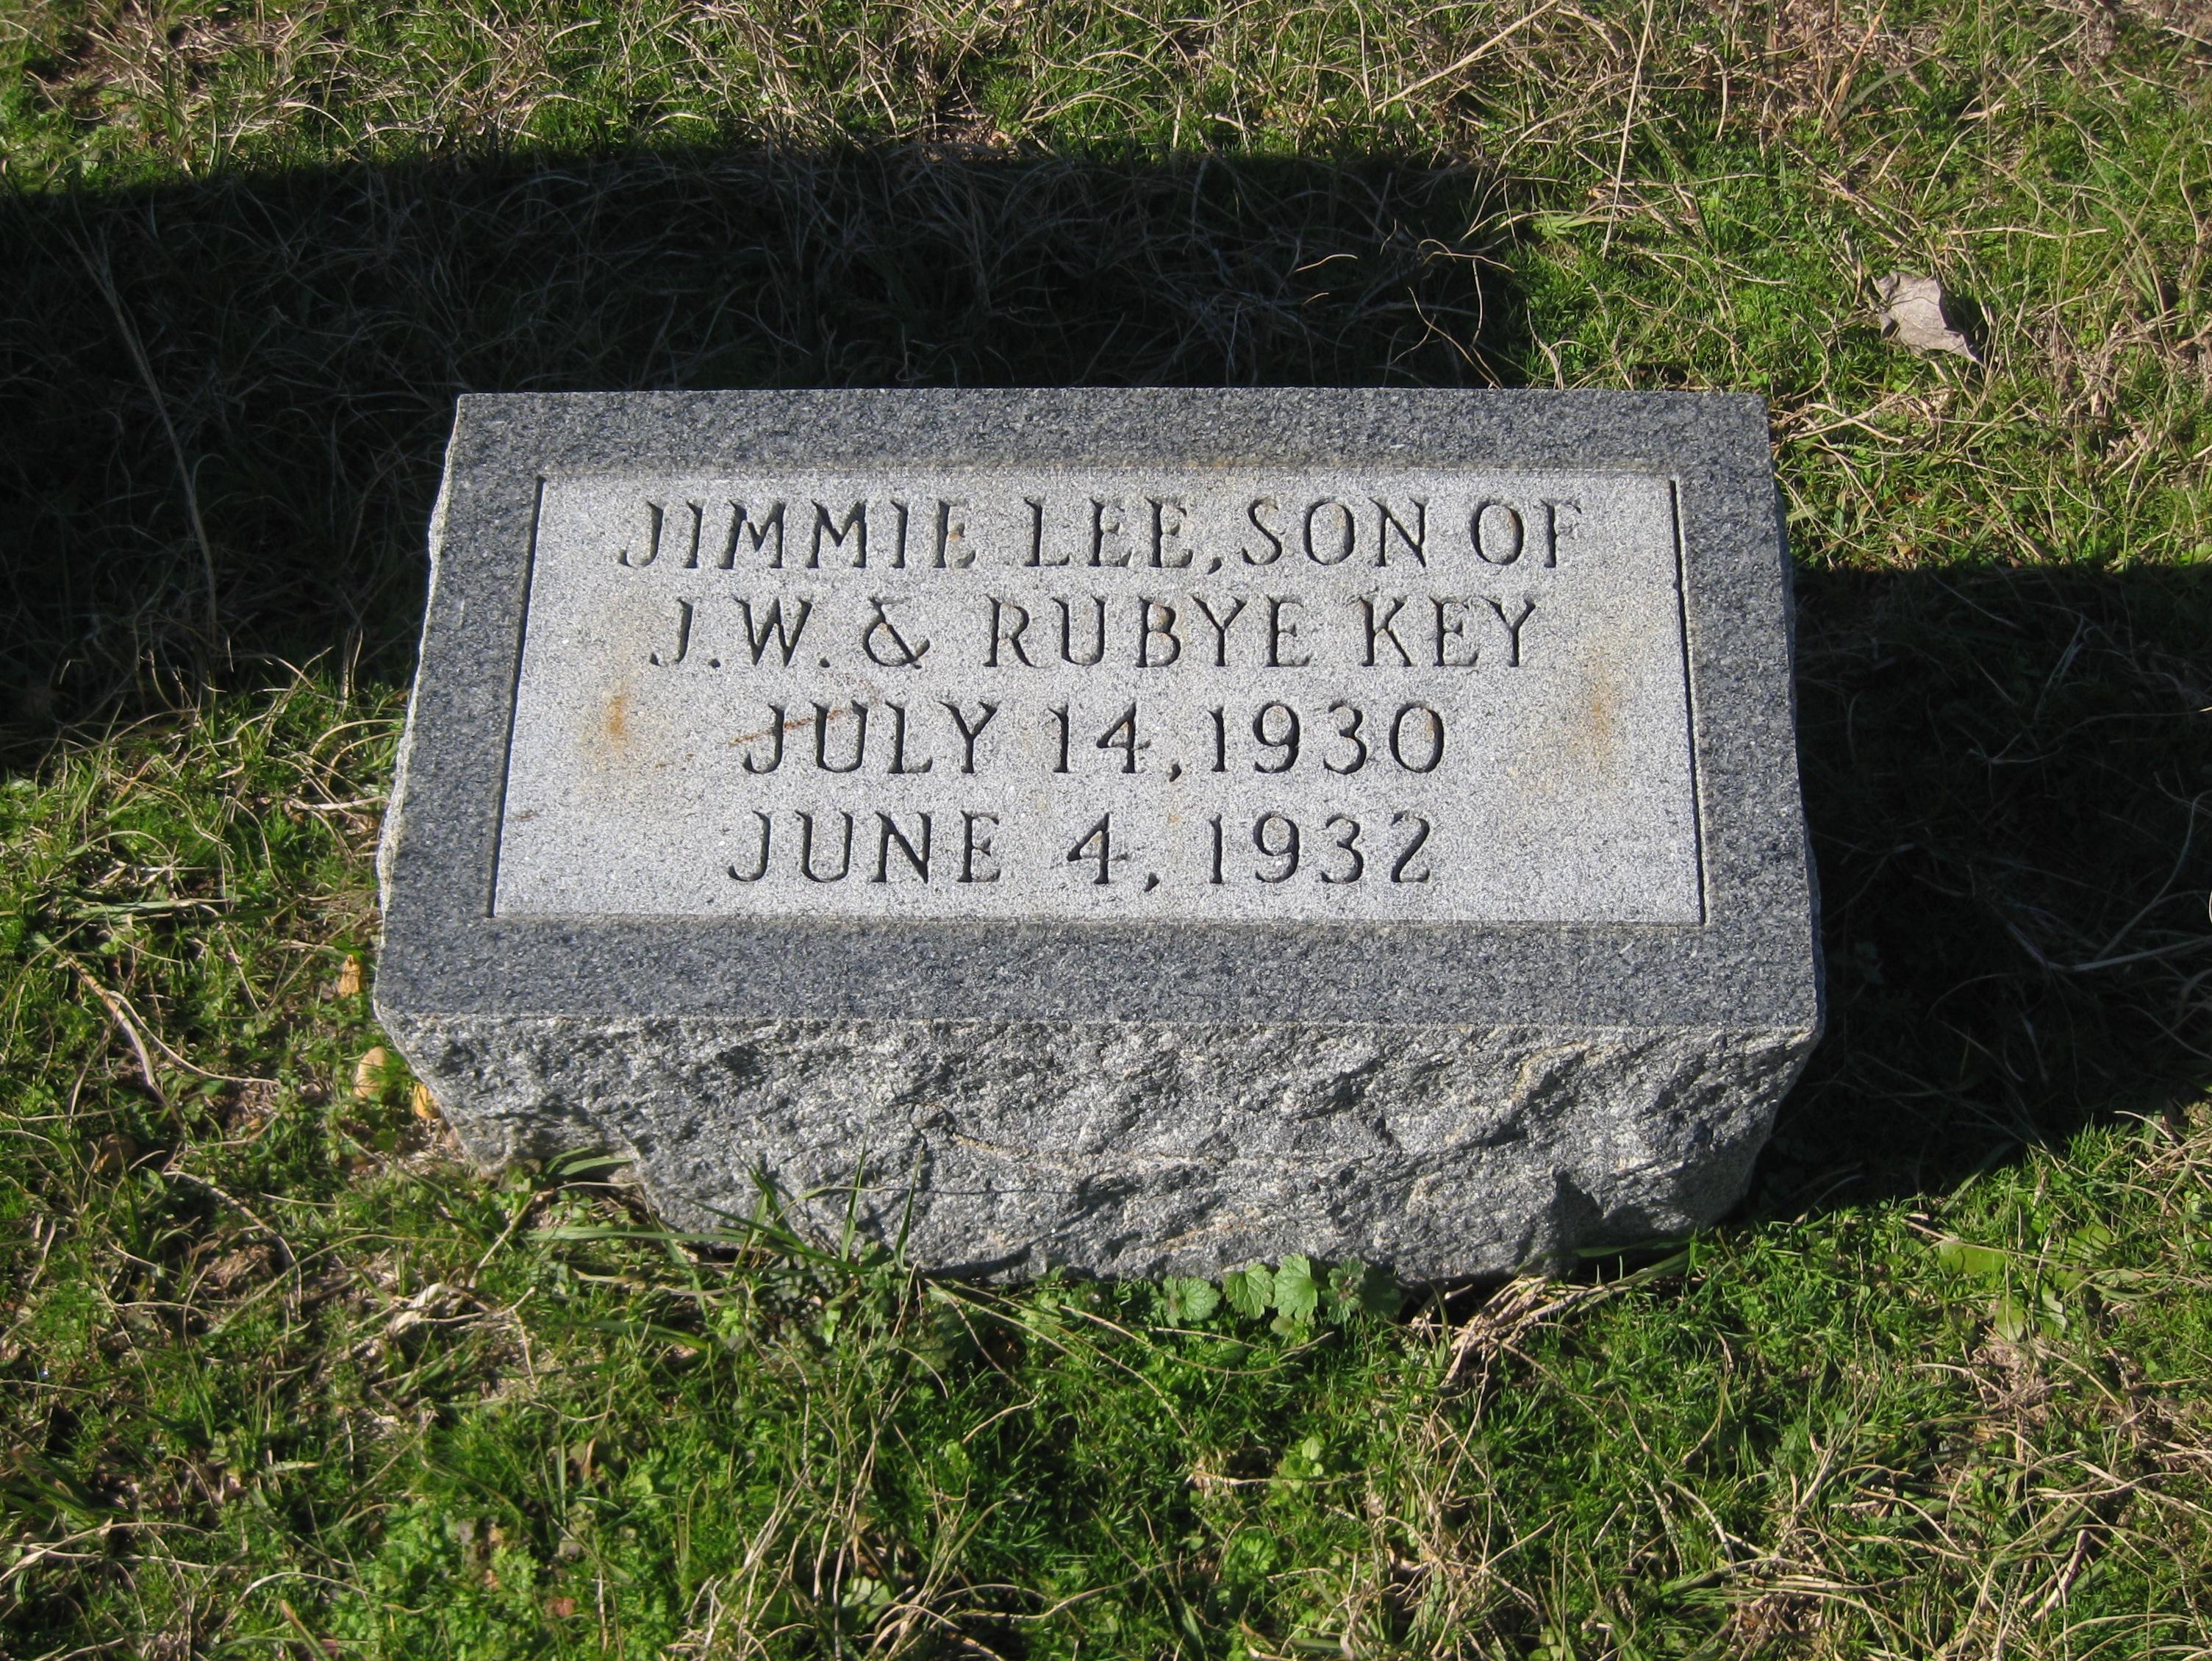 Jimmie Lee Key